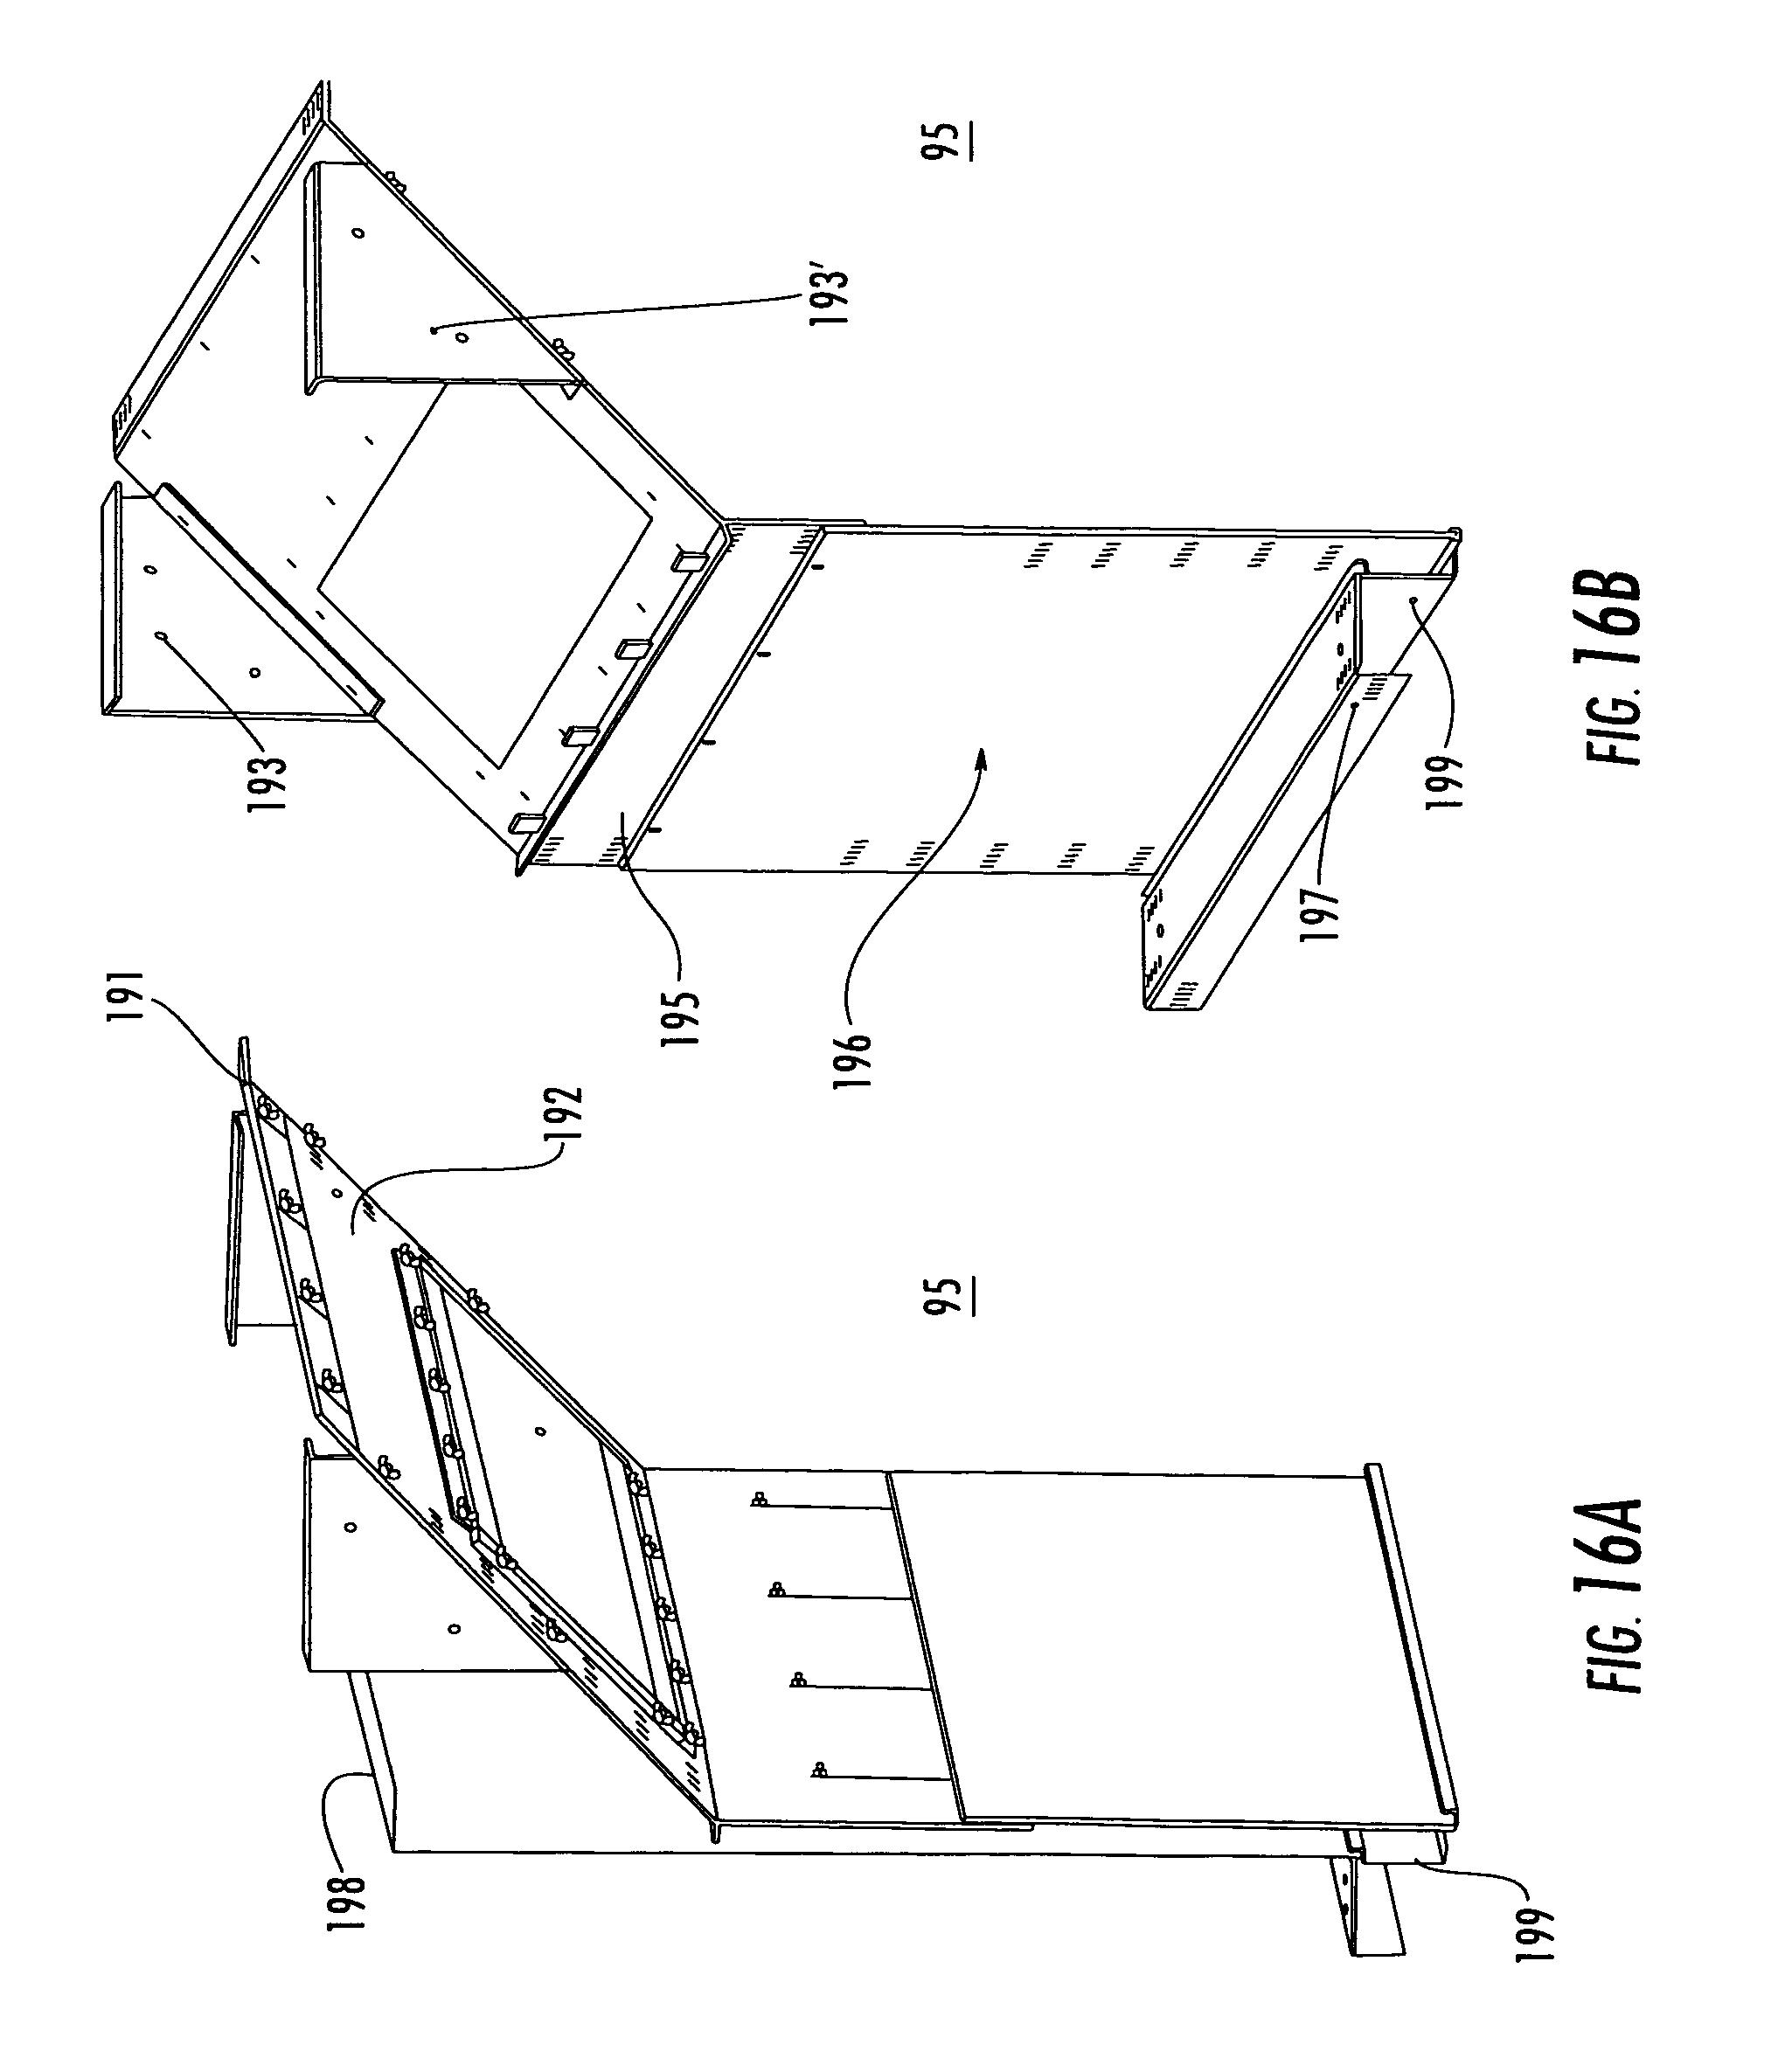 patent us7470176